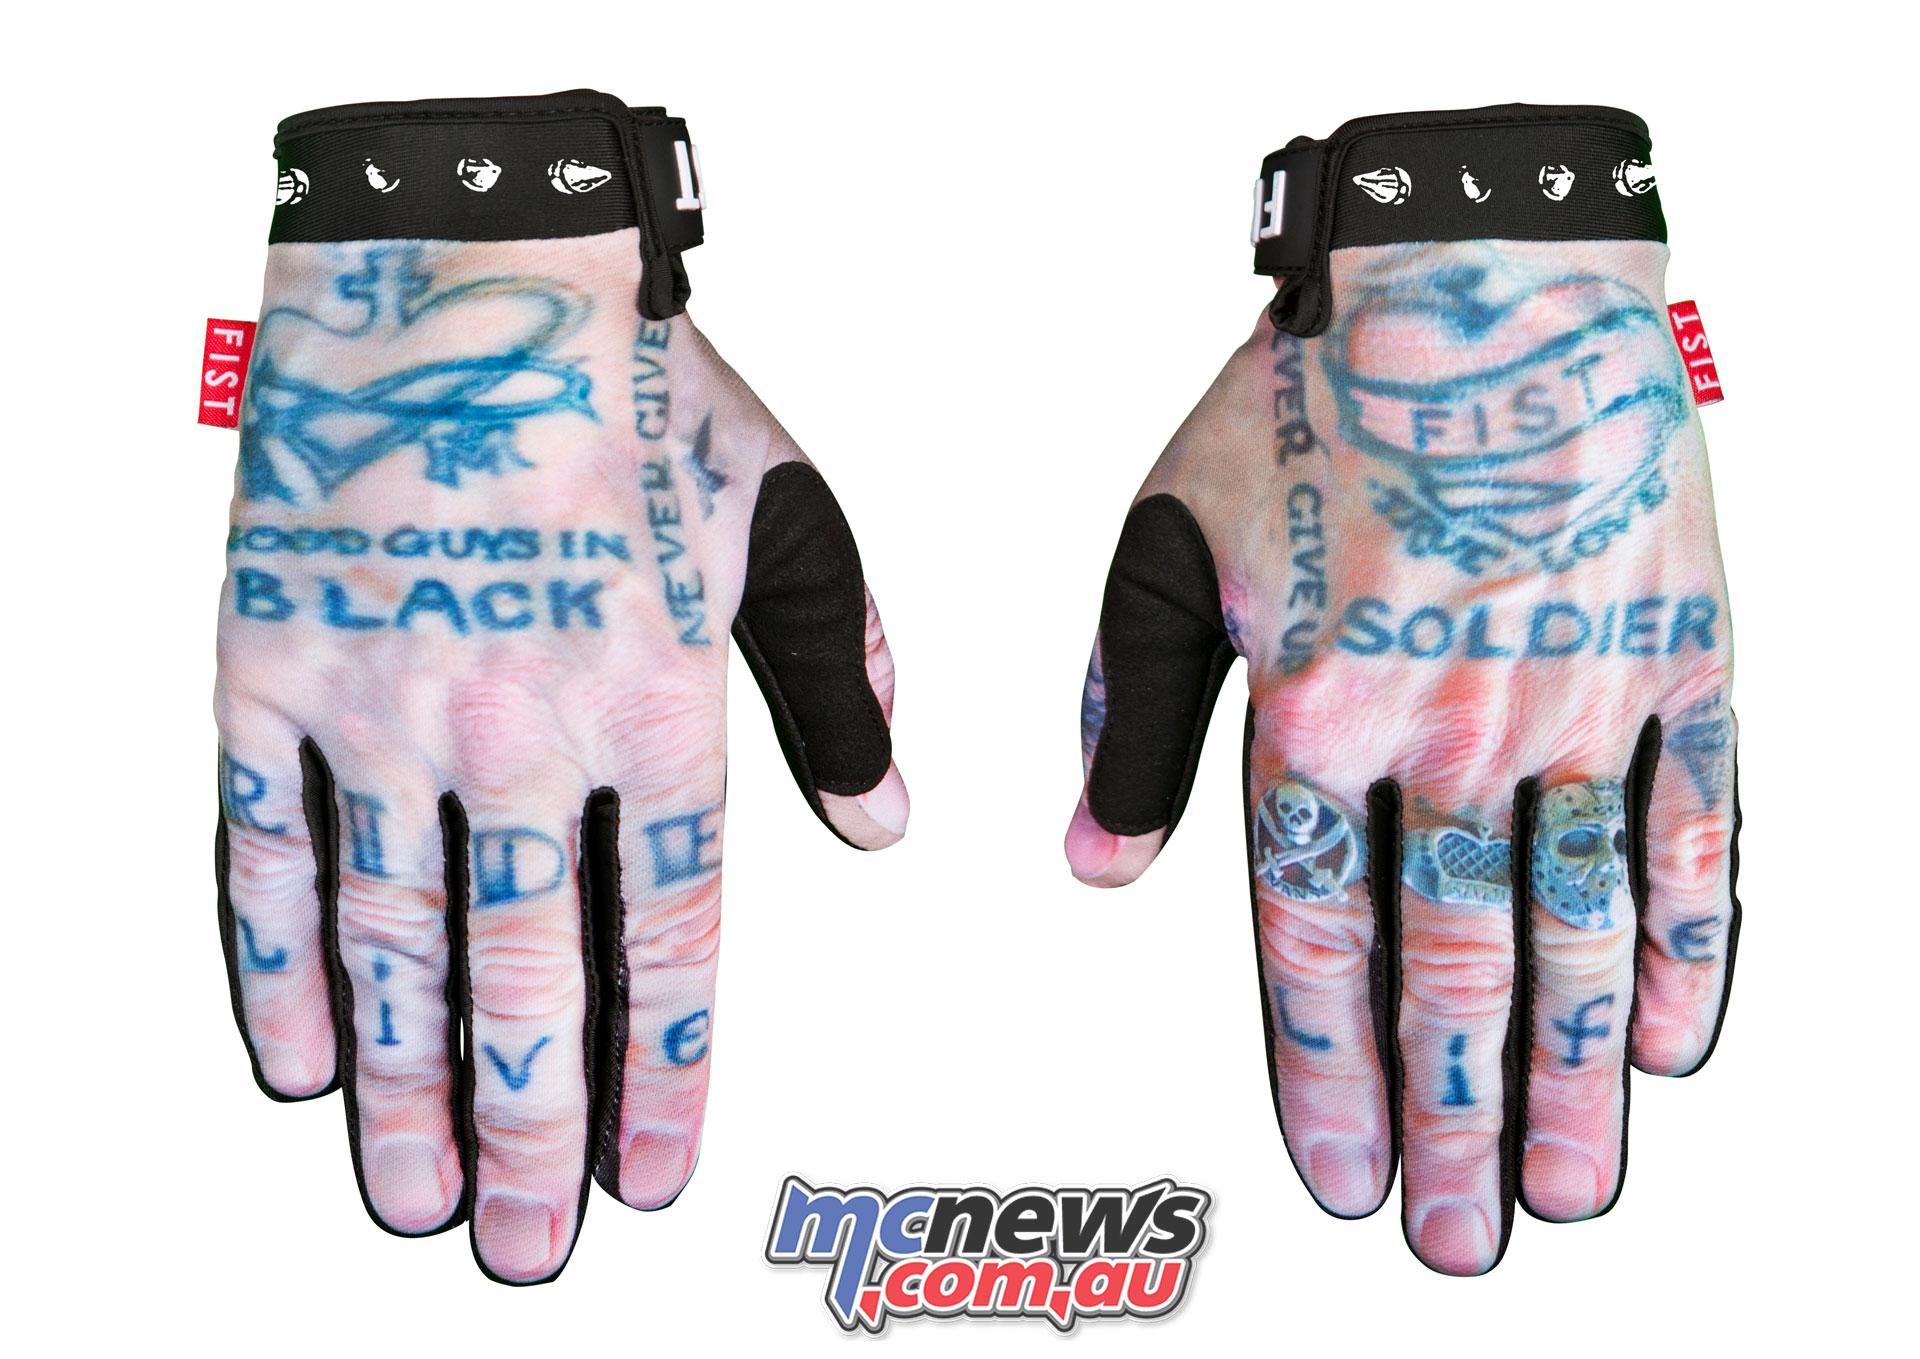 Fist Handwear Spring THORNE Back